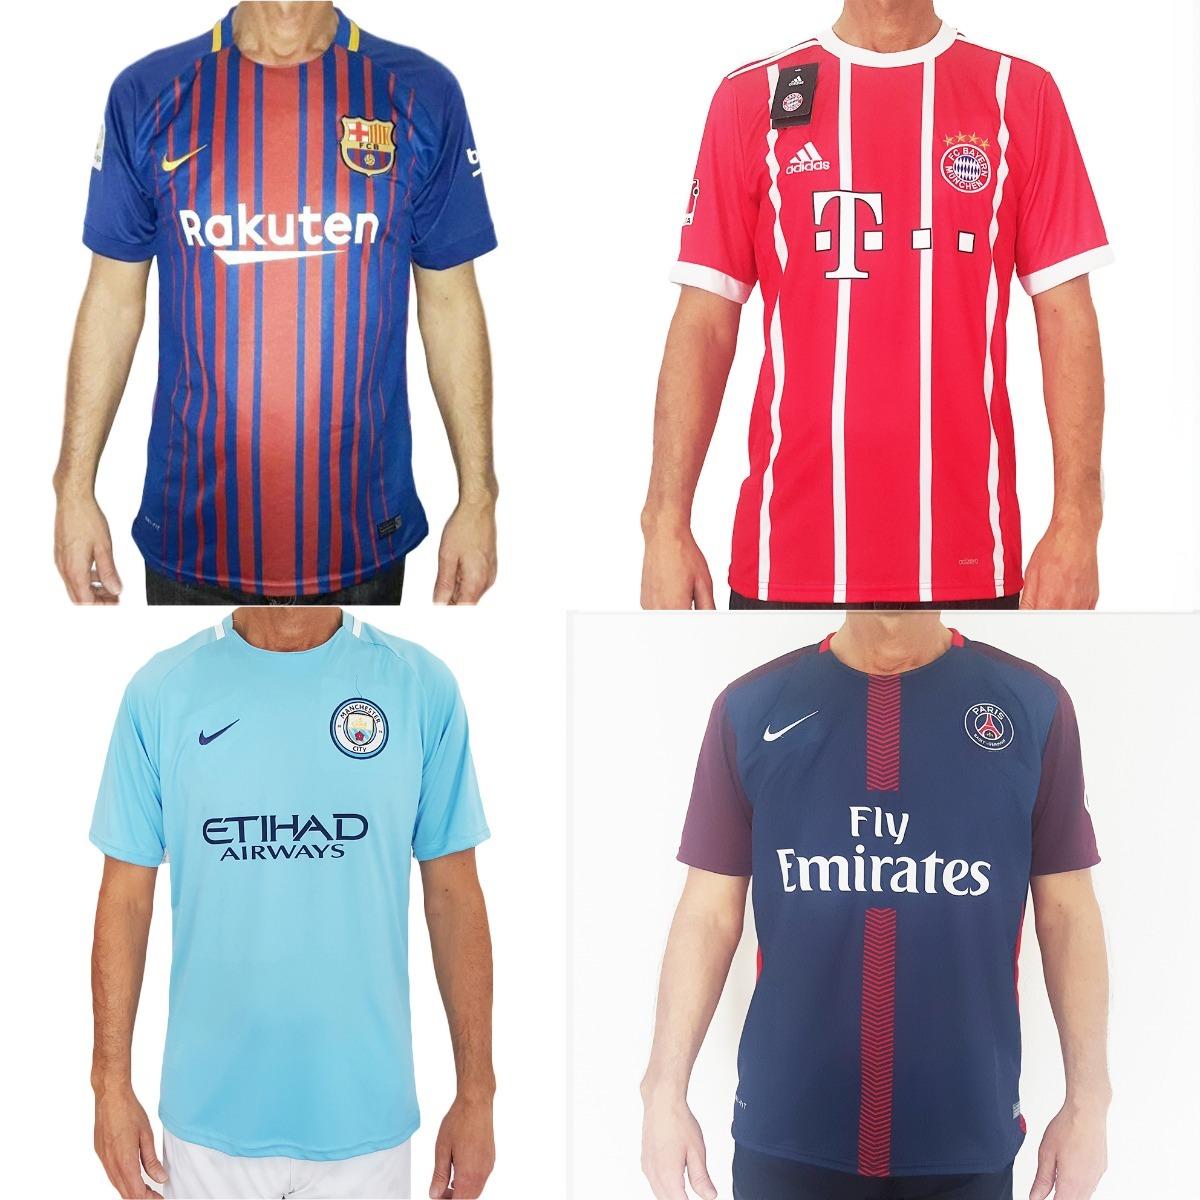 camisetas de fútbol europeo p  equipos x10 unidades. Cargando zoom. 096add718e166